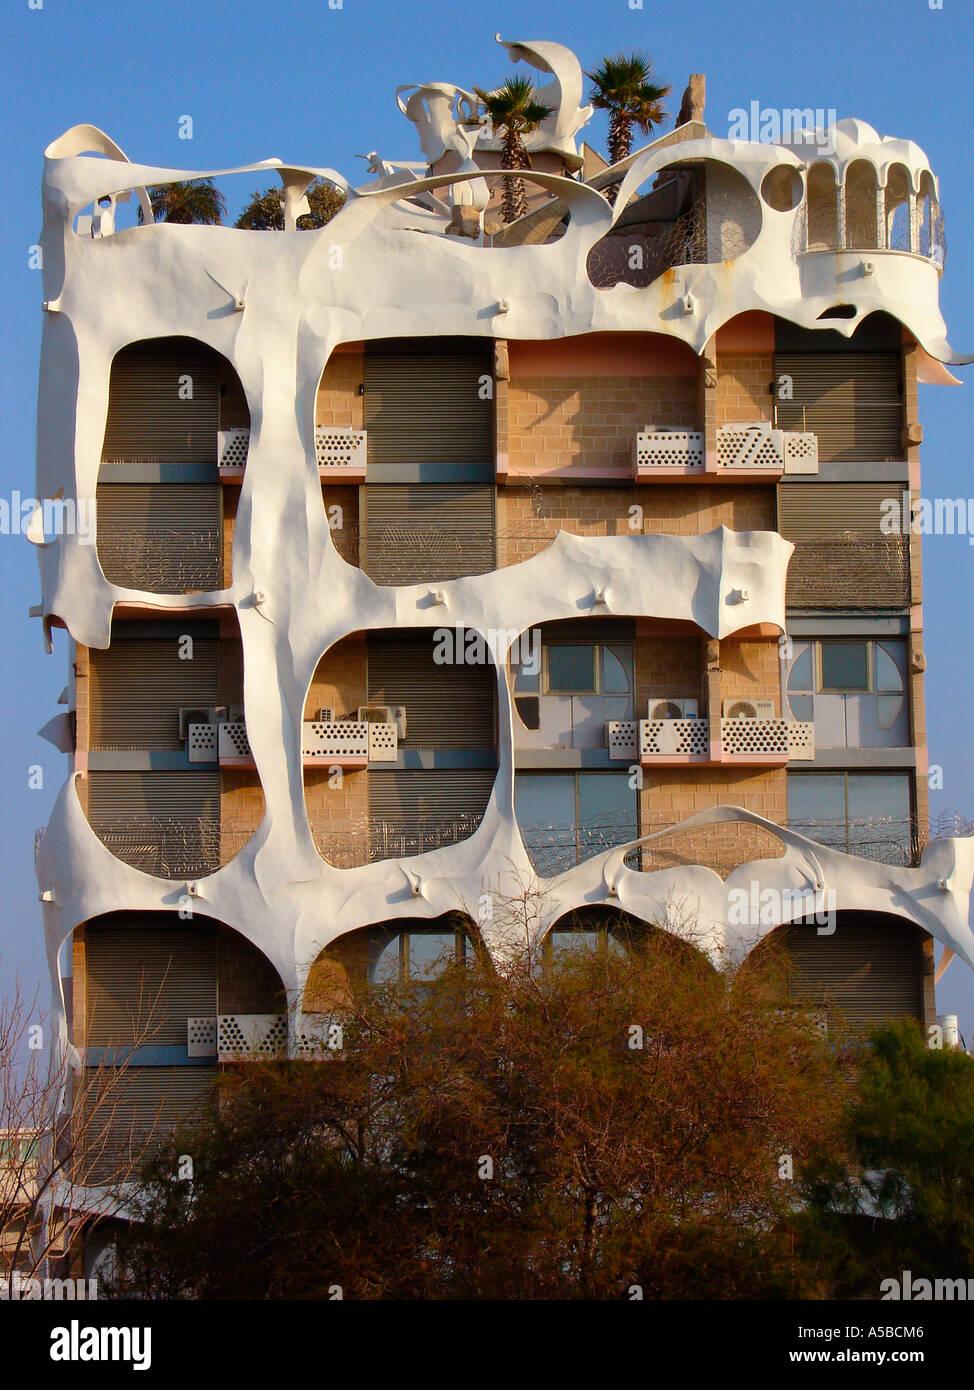 Il 'pazzo' house progettata dall architetto Leon Gnignebt situato a 181 Hayarkon street a Tel Aviv. Israele Immagini Stock